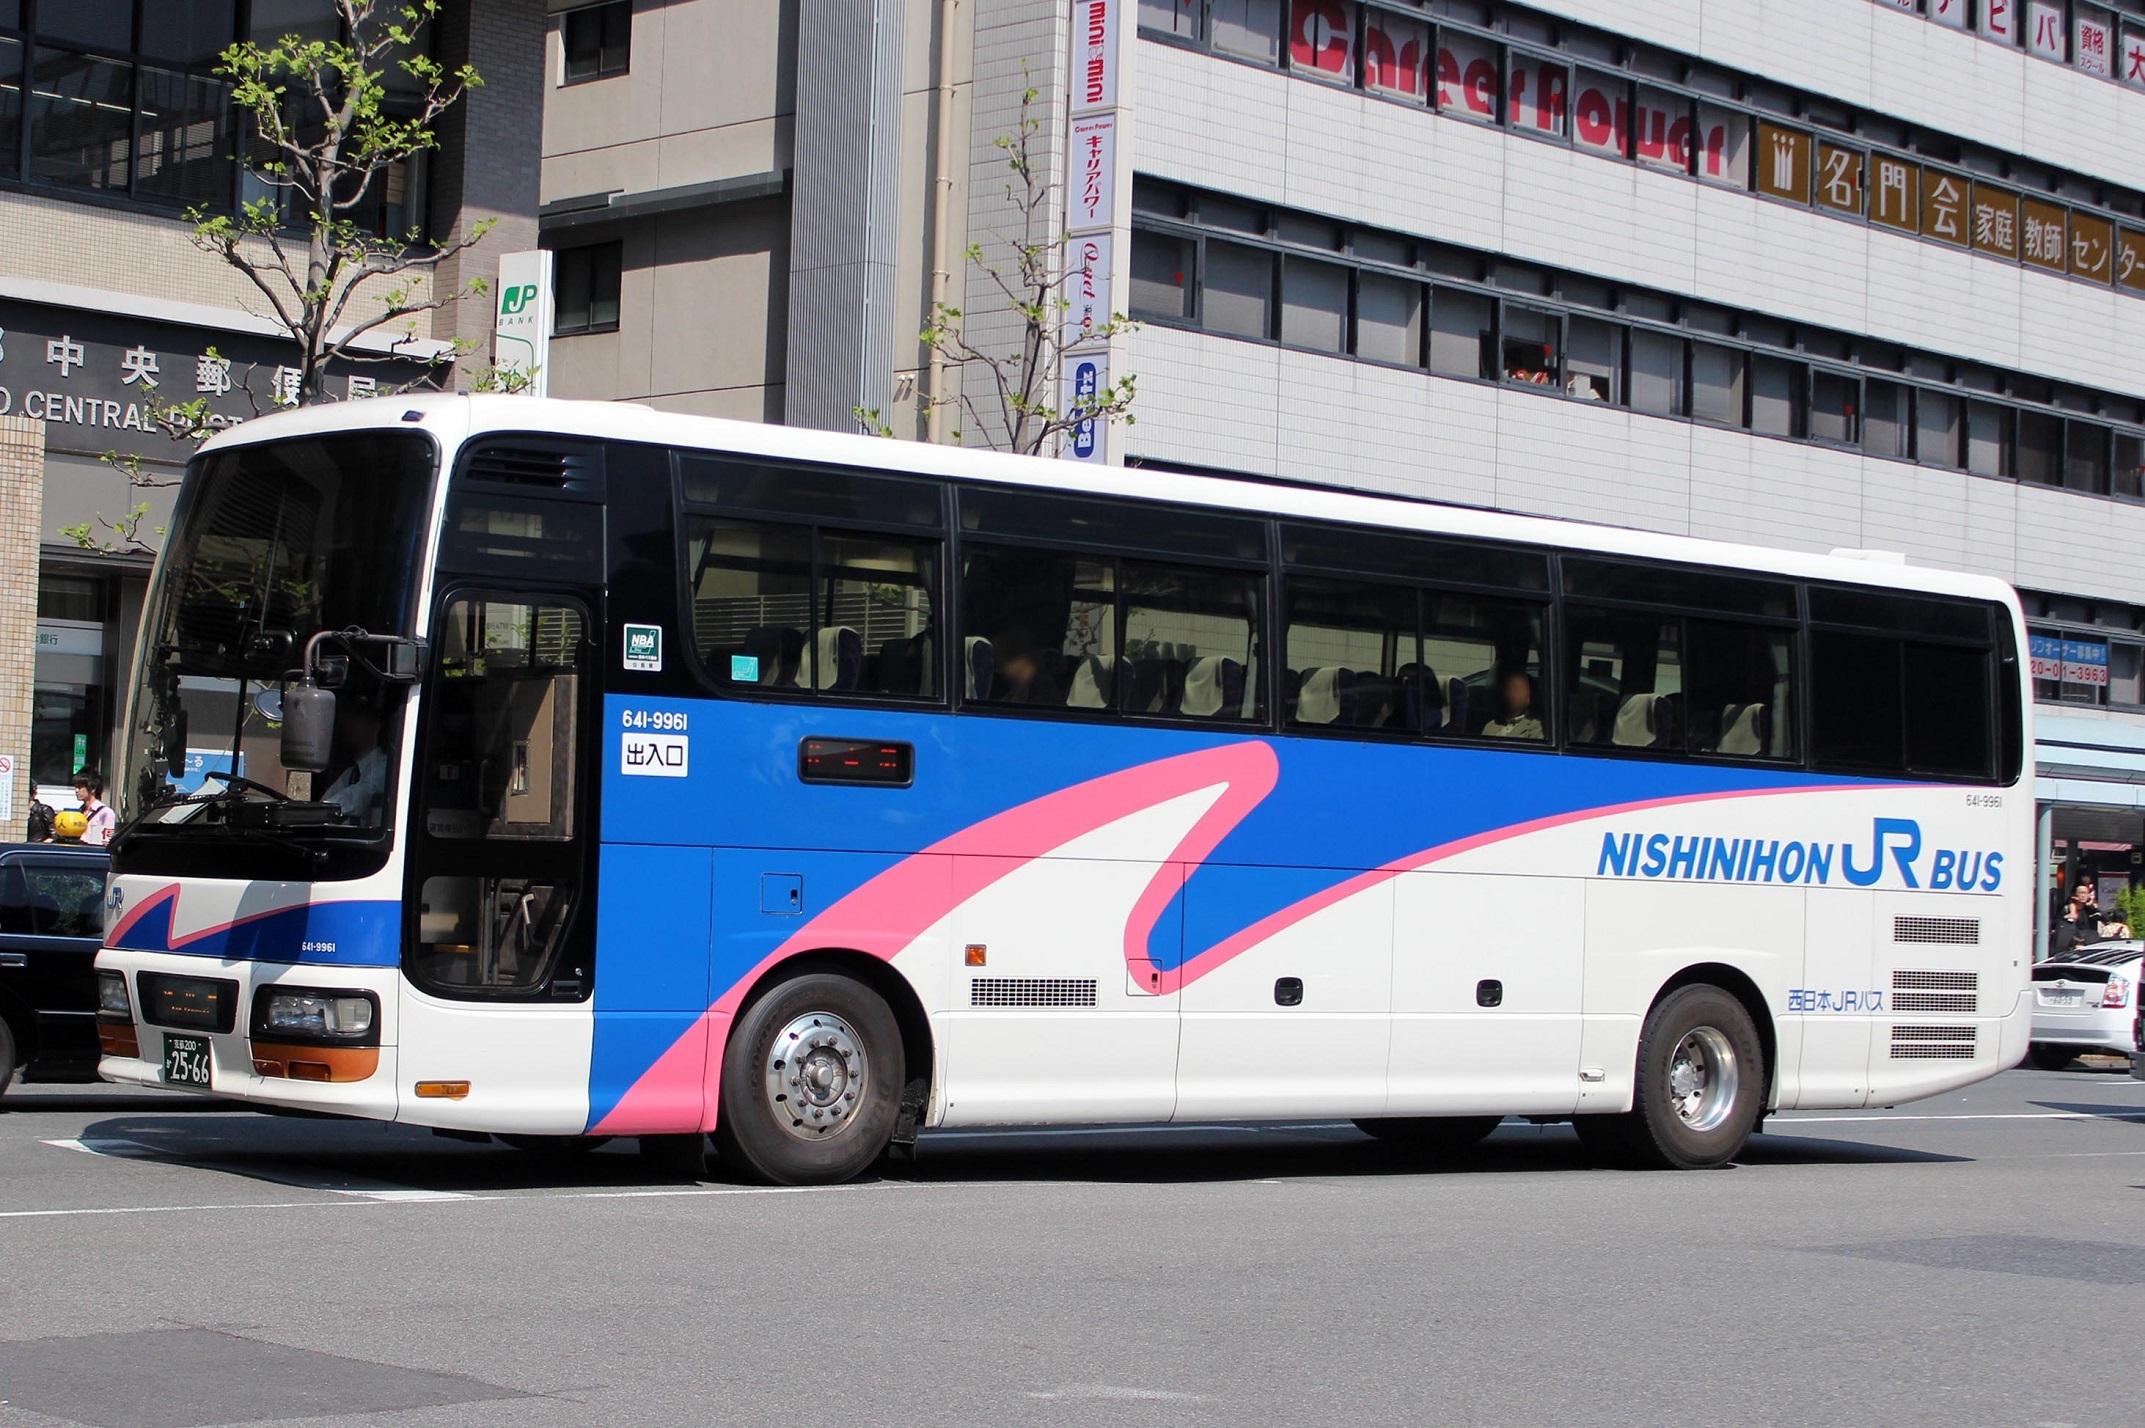 西日本JRバス 641-9961